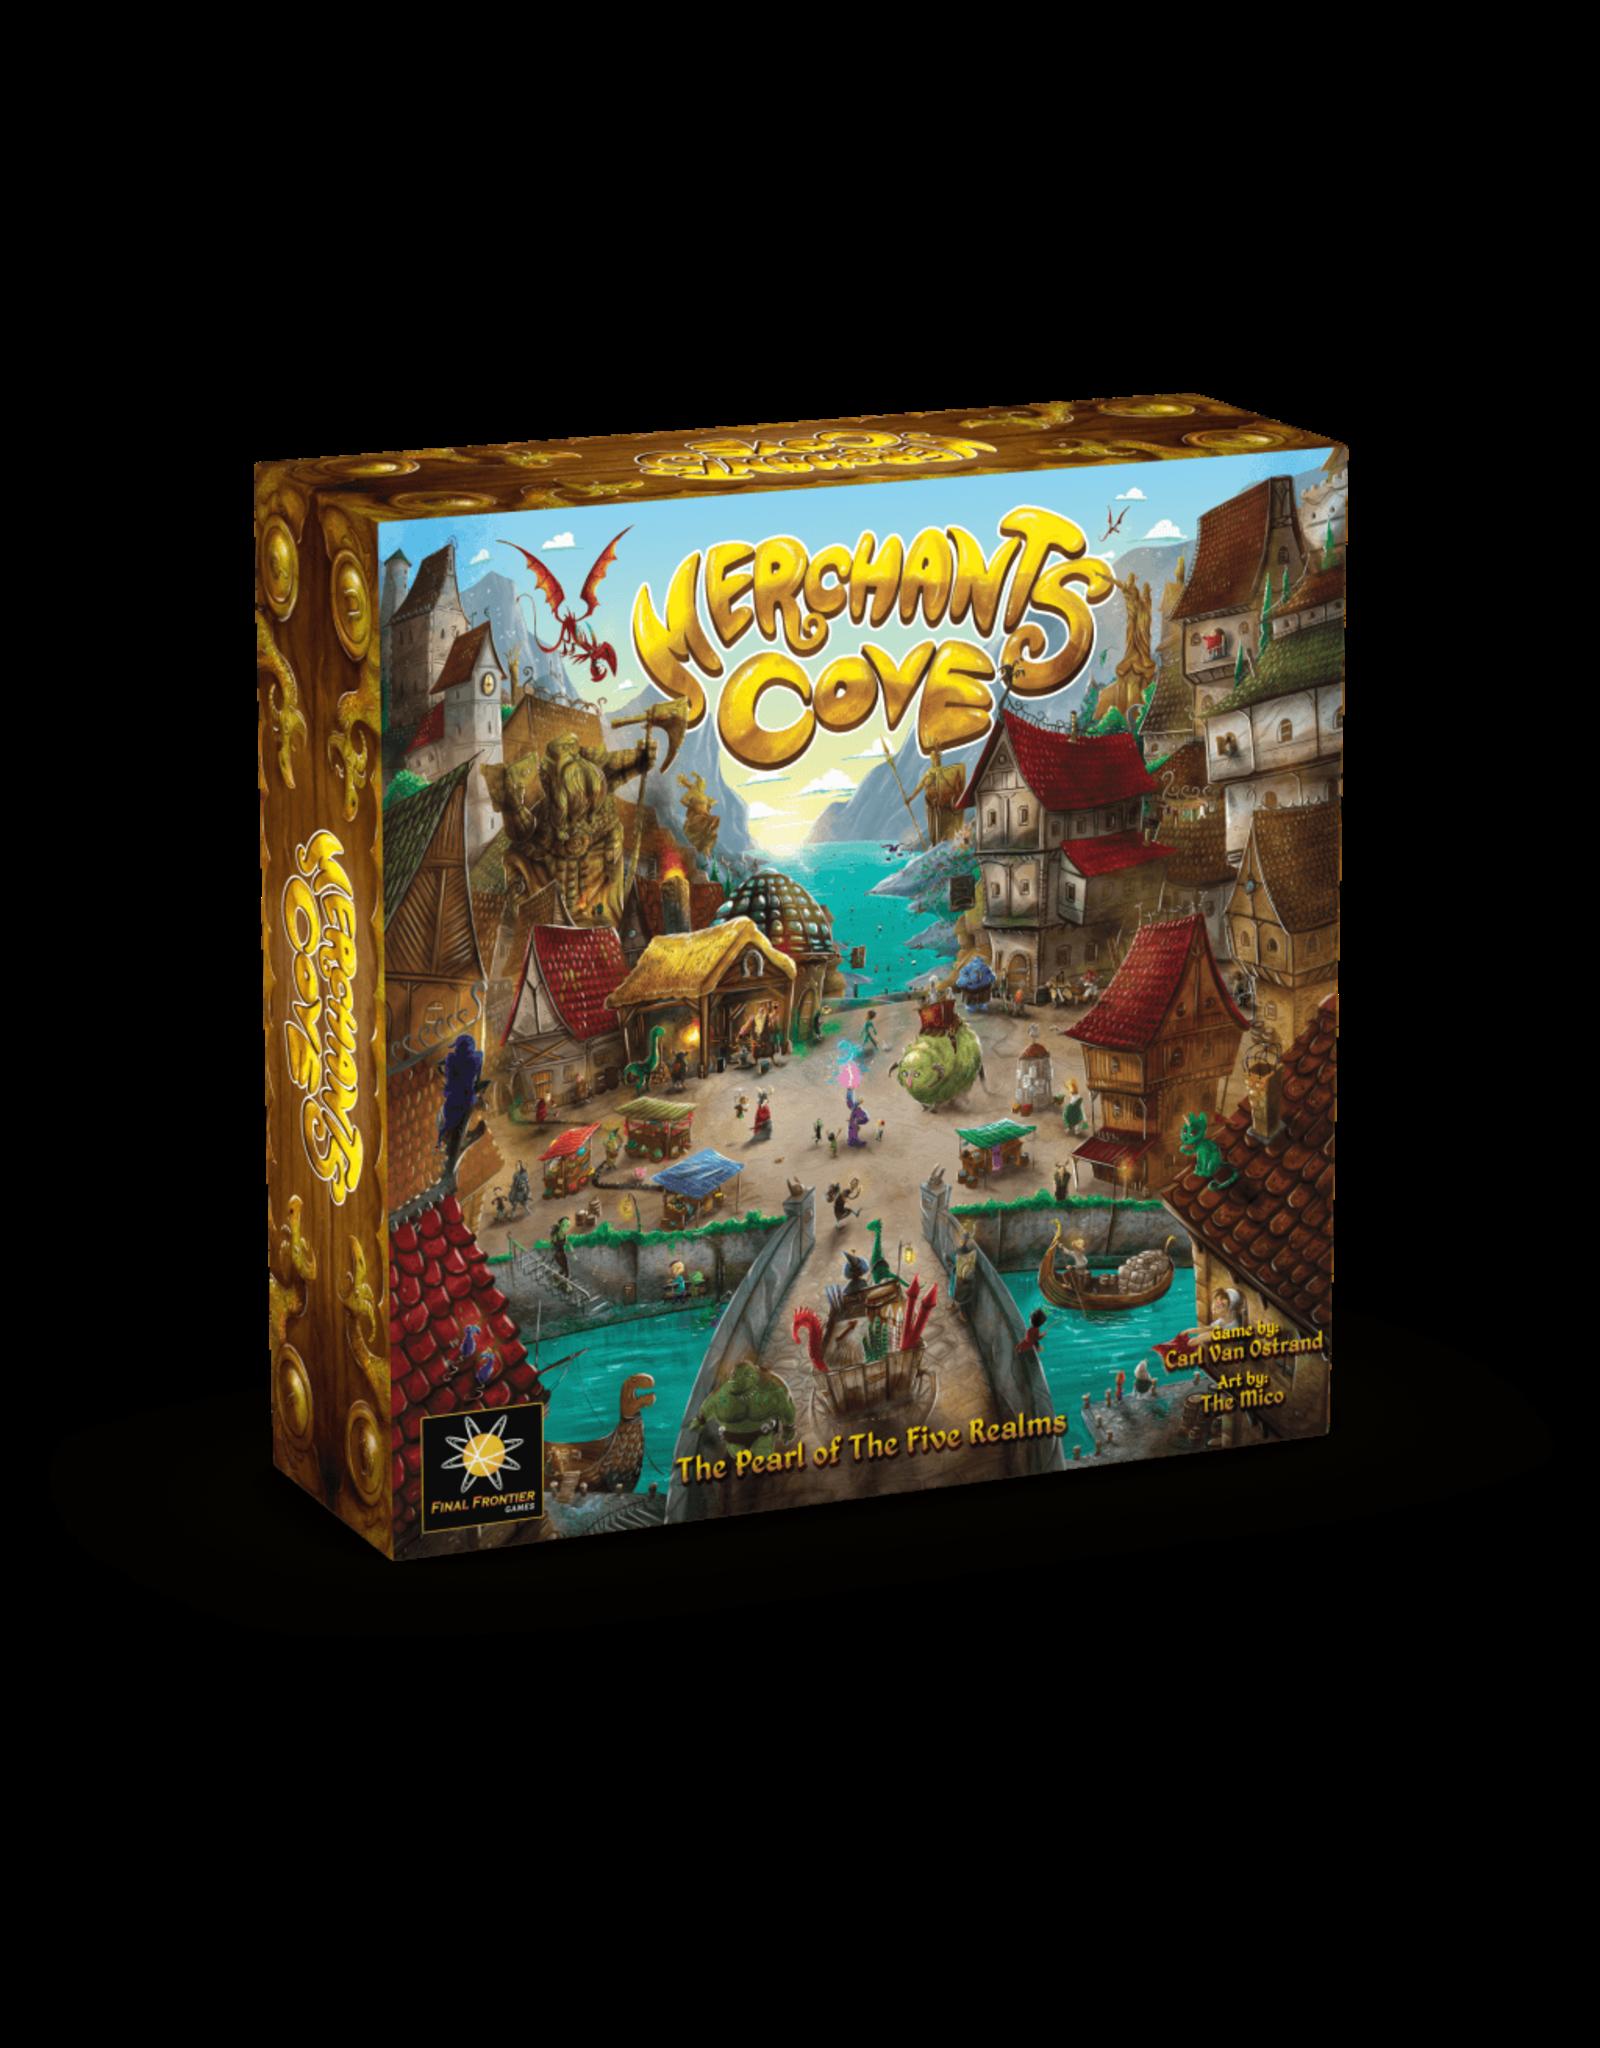 Final Frontier Games Merchants Cove